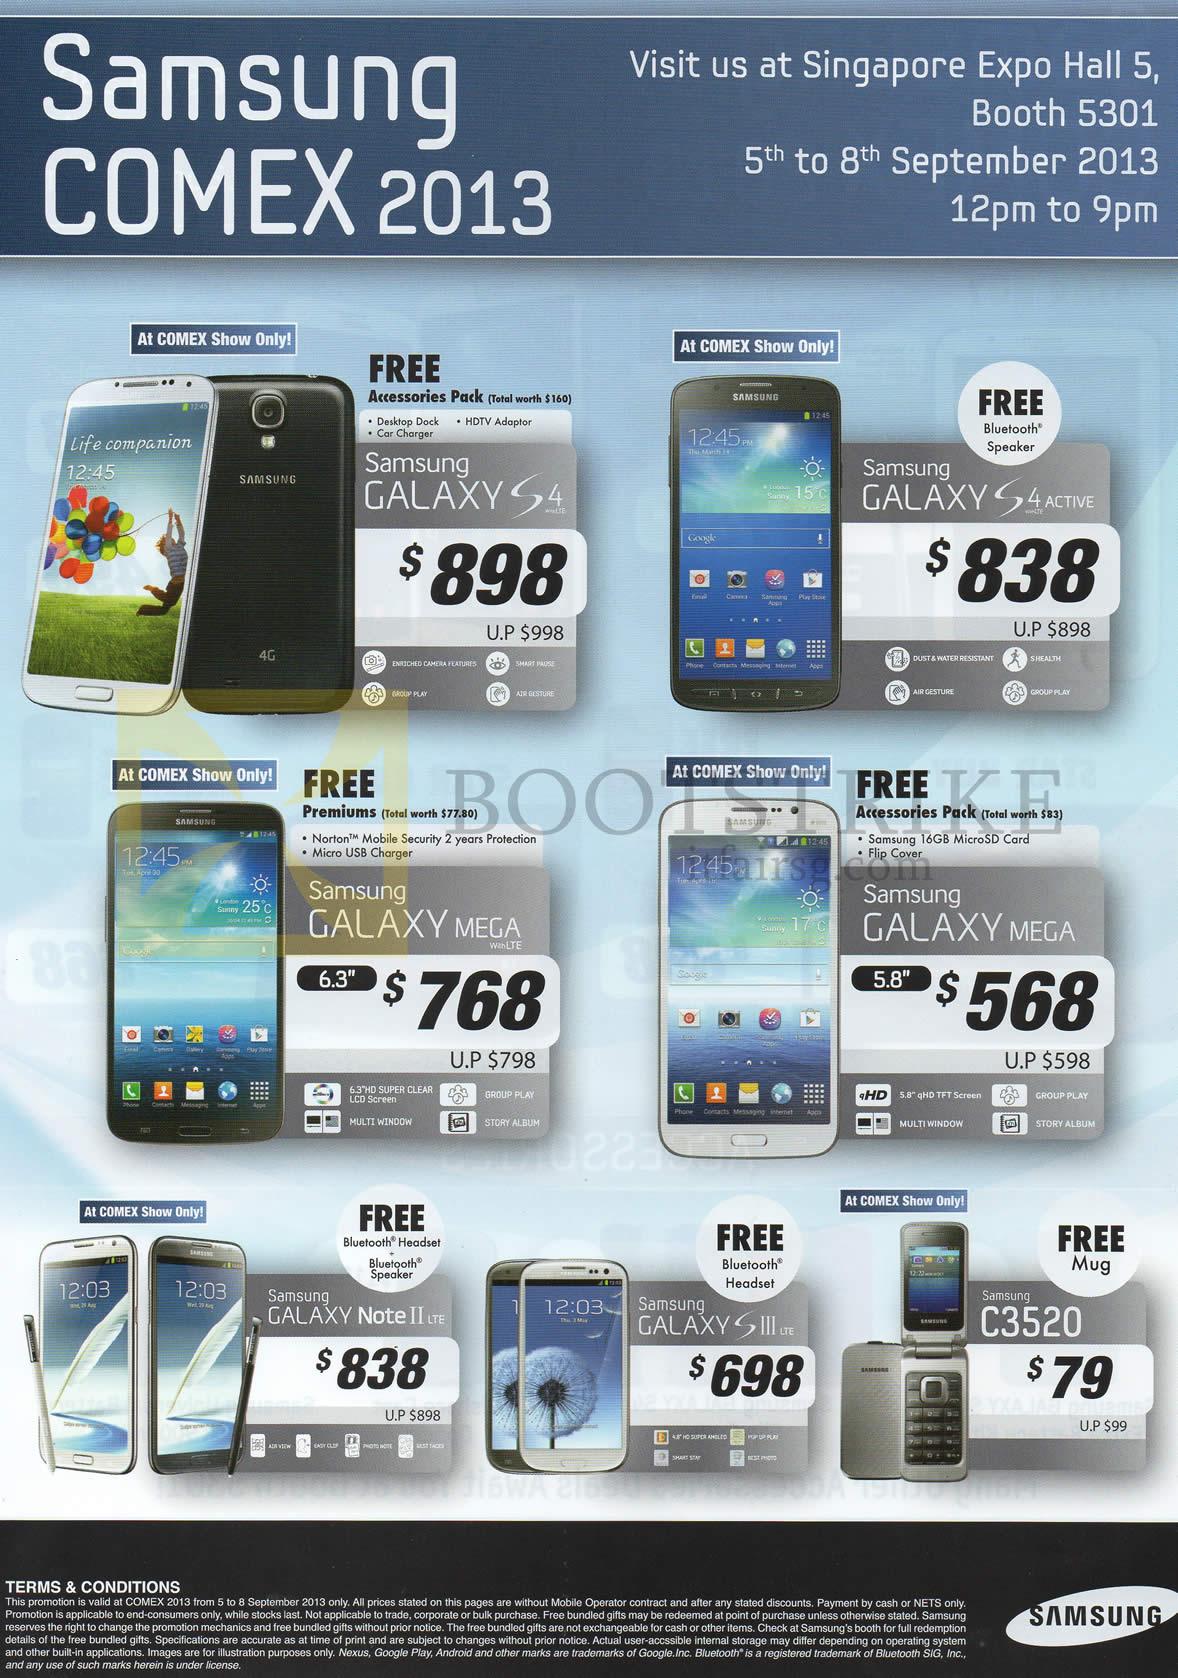 COMEX 2013 price list image brochure of Samsung Smartphones Galaxy S4, S4 Actve, Mega, Note II LTE, S III LTE, C3520